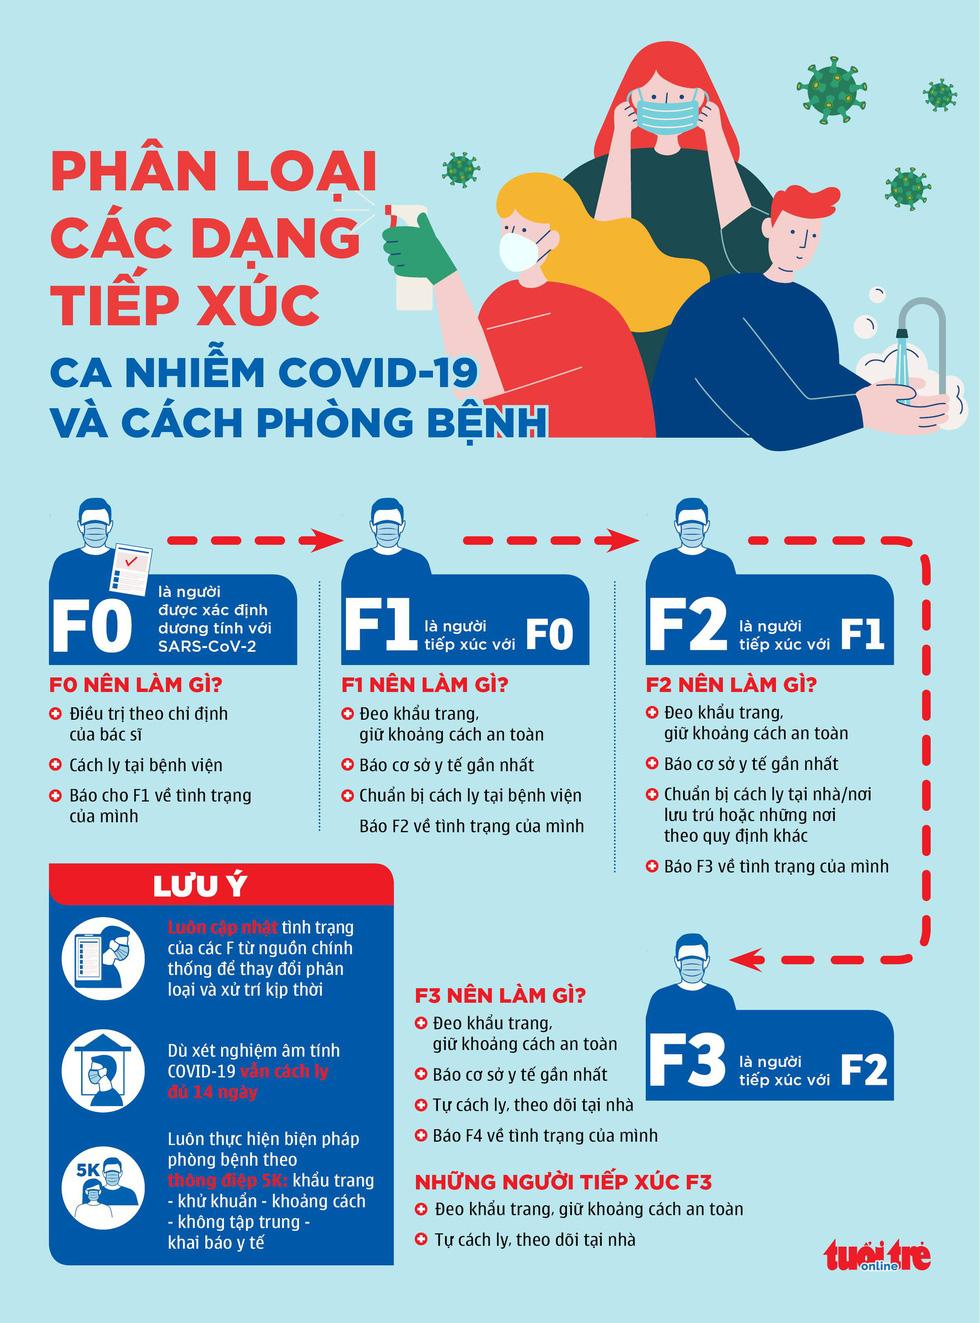 Các F1, F2 của bệnh nhân COVID-19 ở TP.HCM nên làm gì? - Ảnh 1.